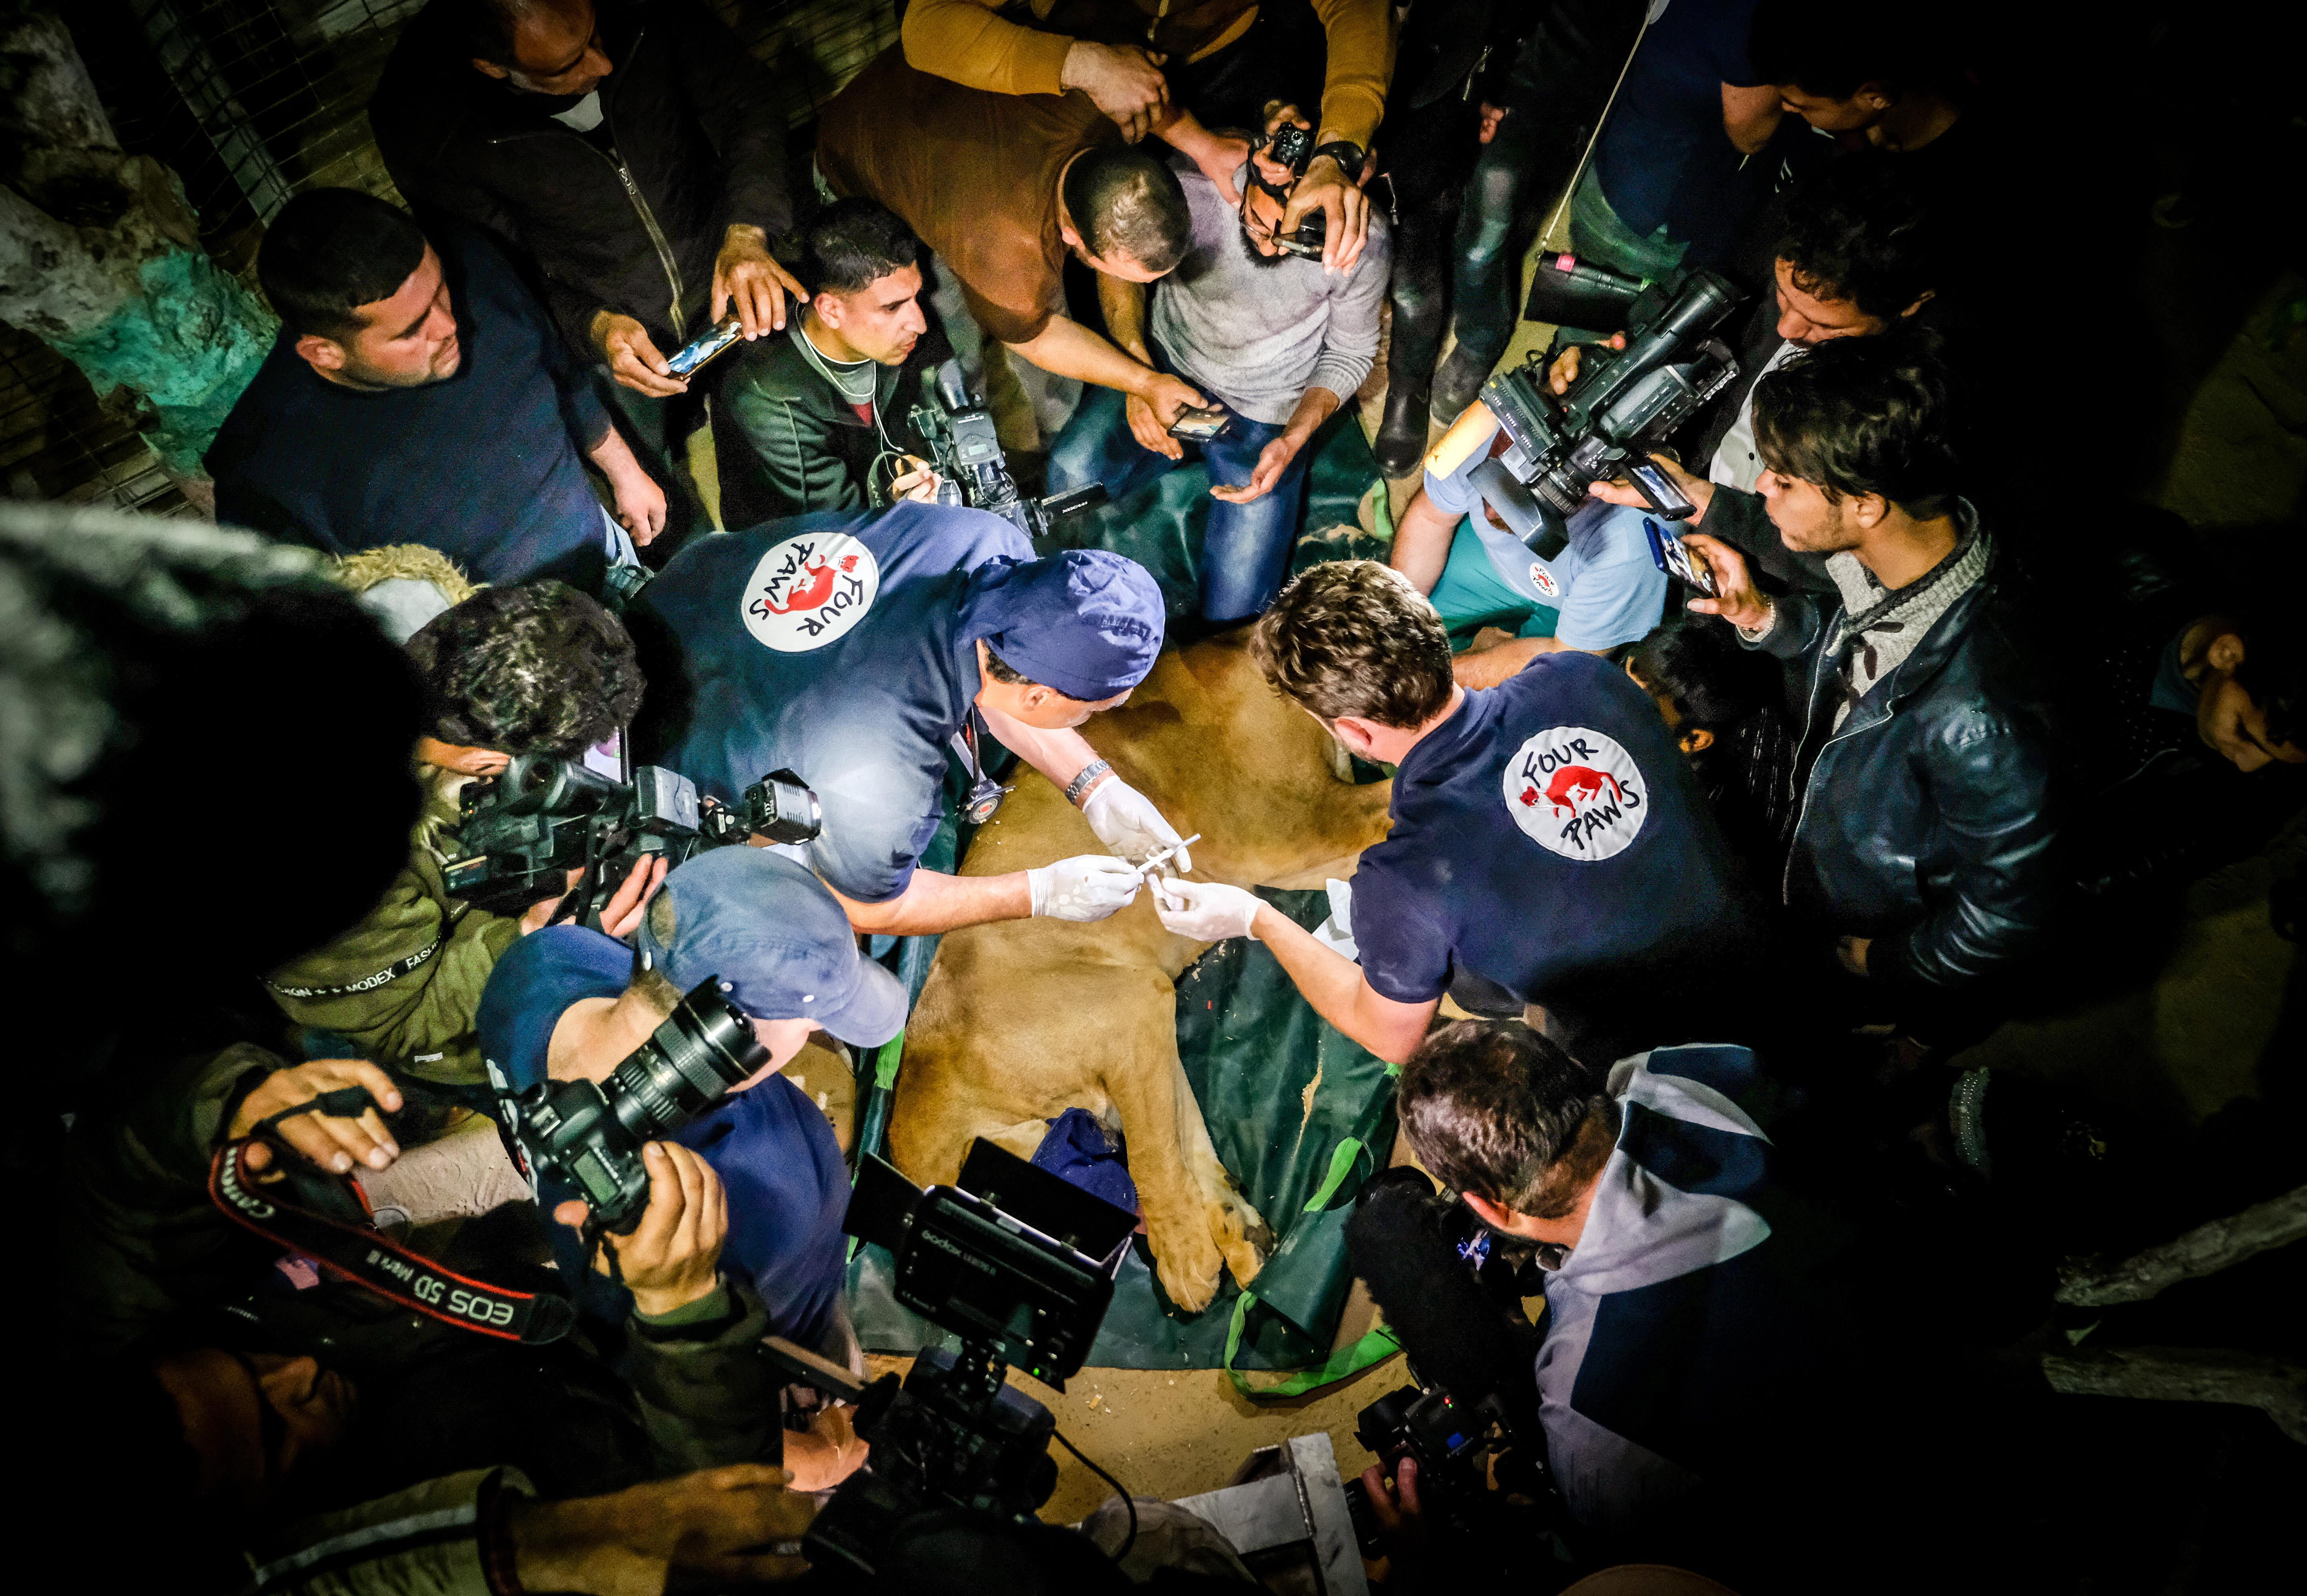 Rescue mission Gaza 2019